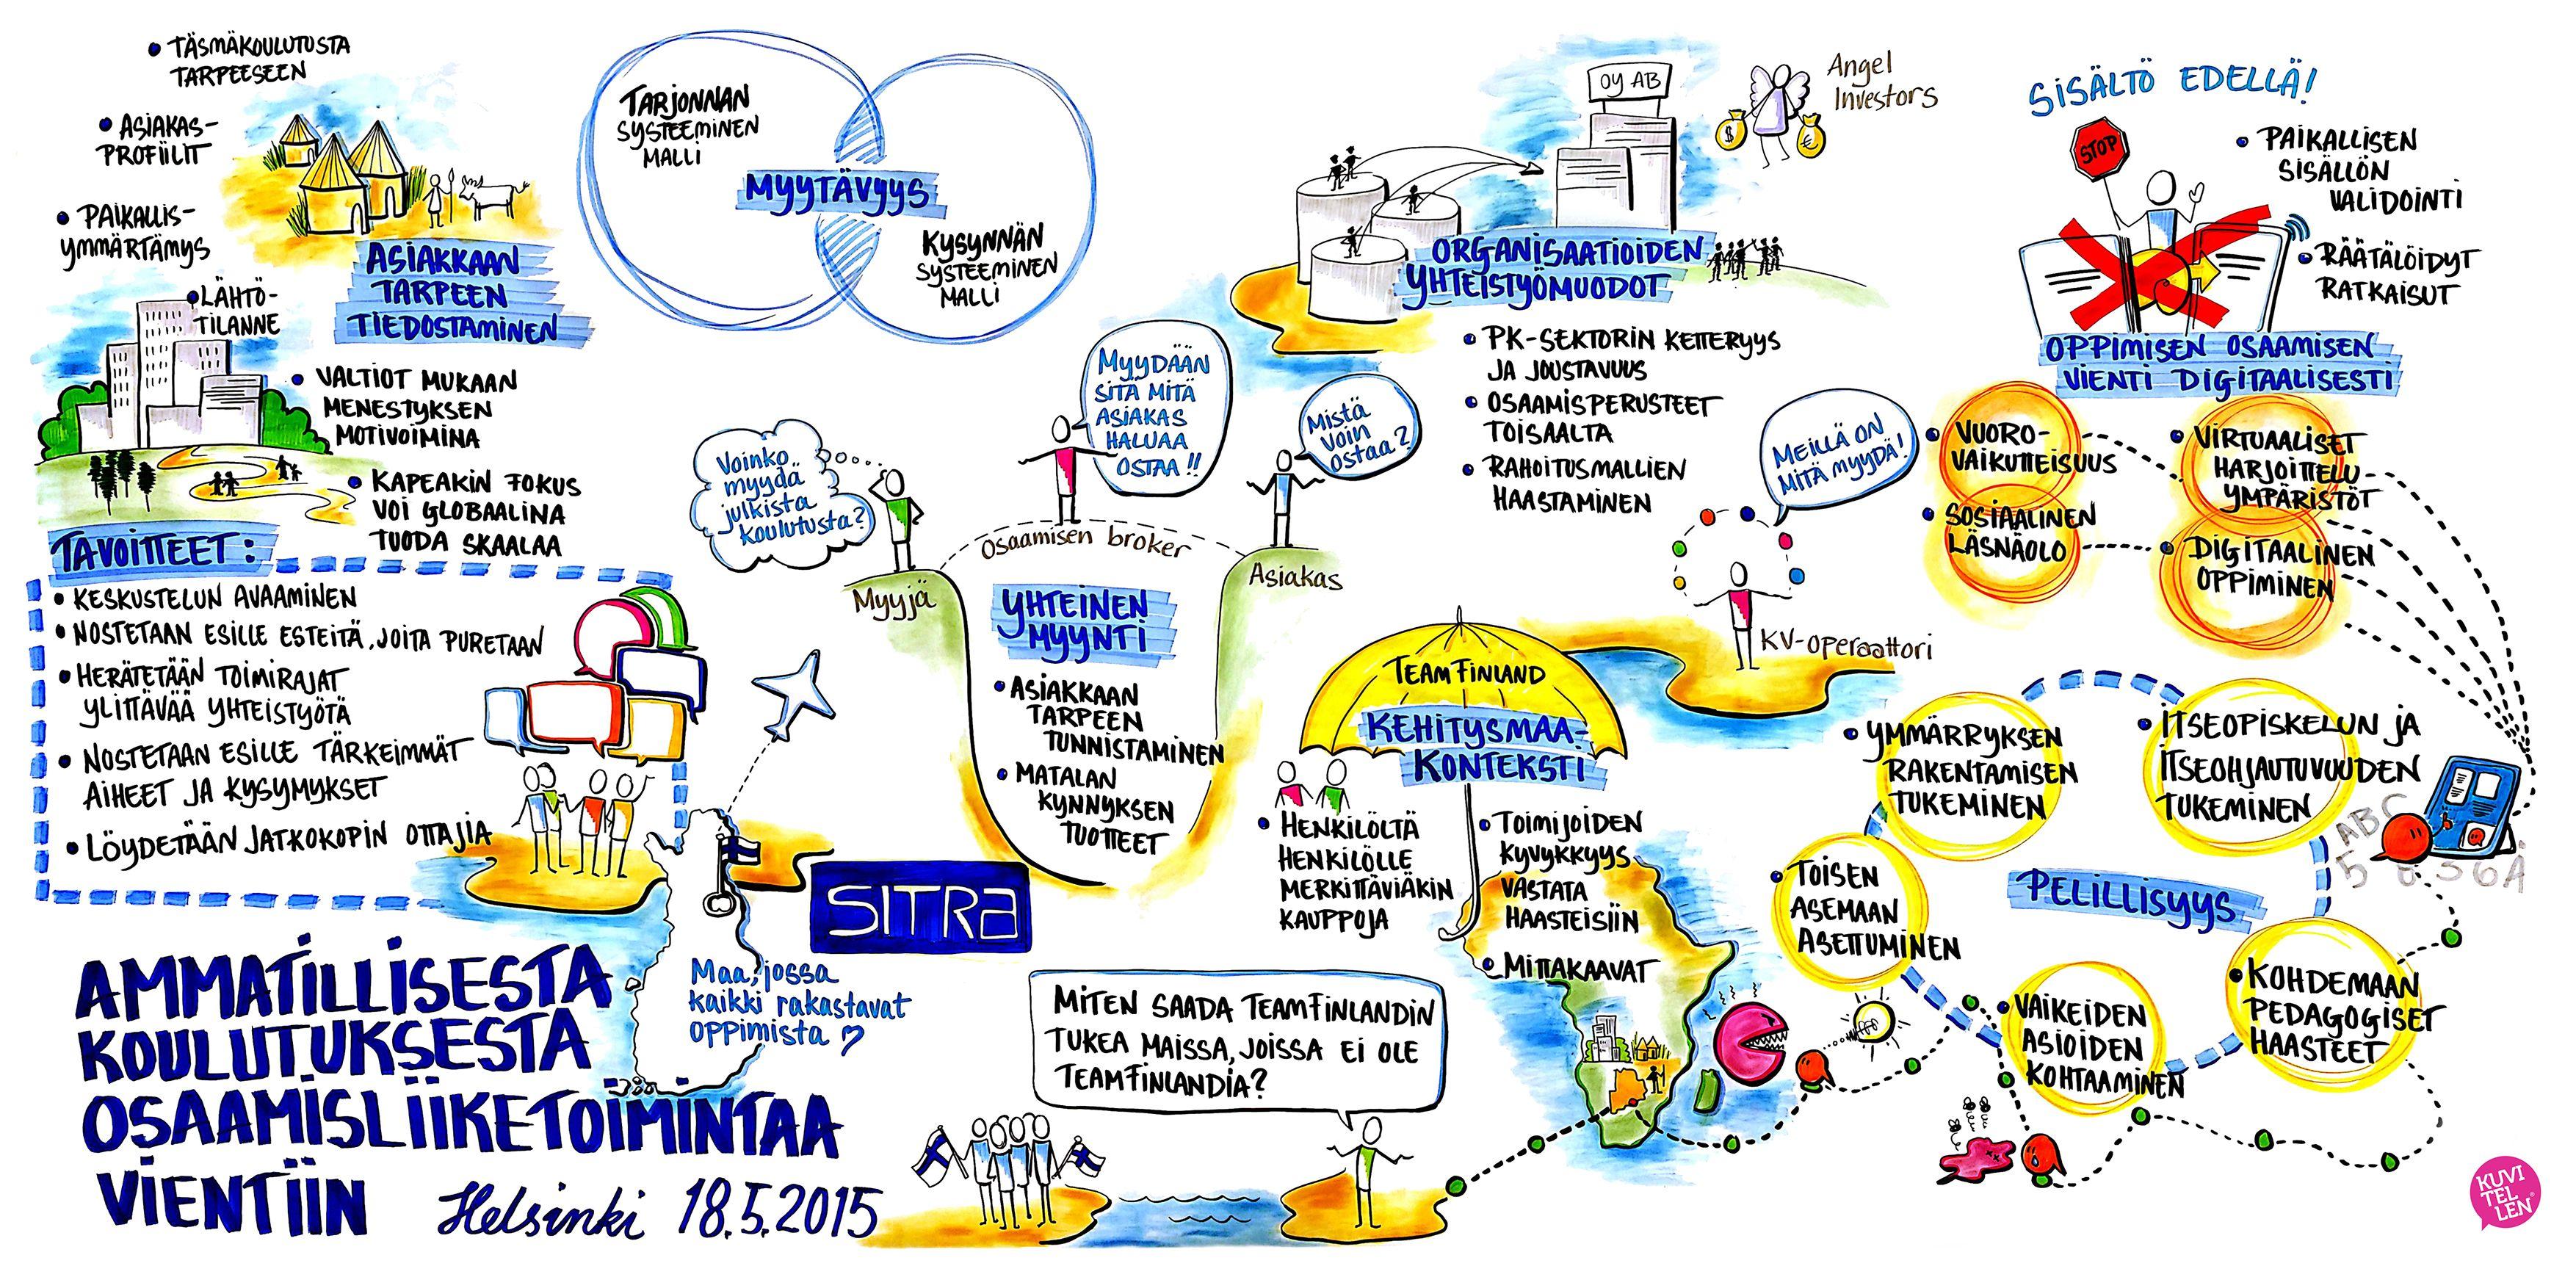 Materiaalia tutustumiseen -> Uuden koulutuksen kokeilut | Sitra